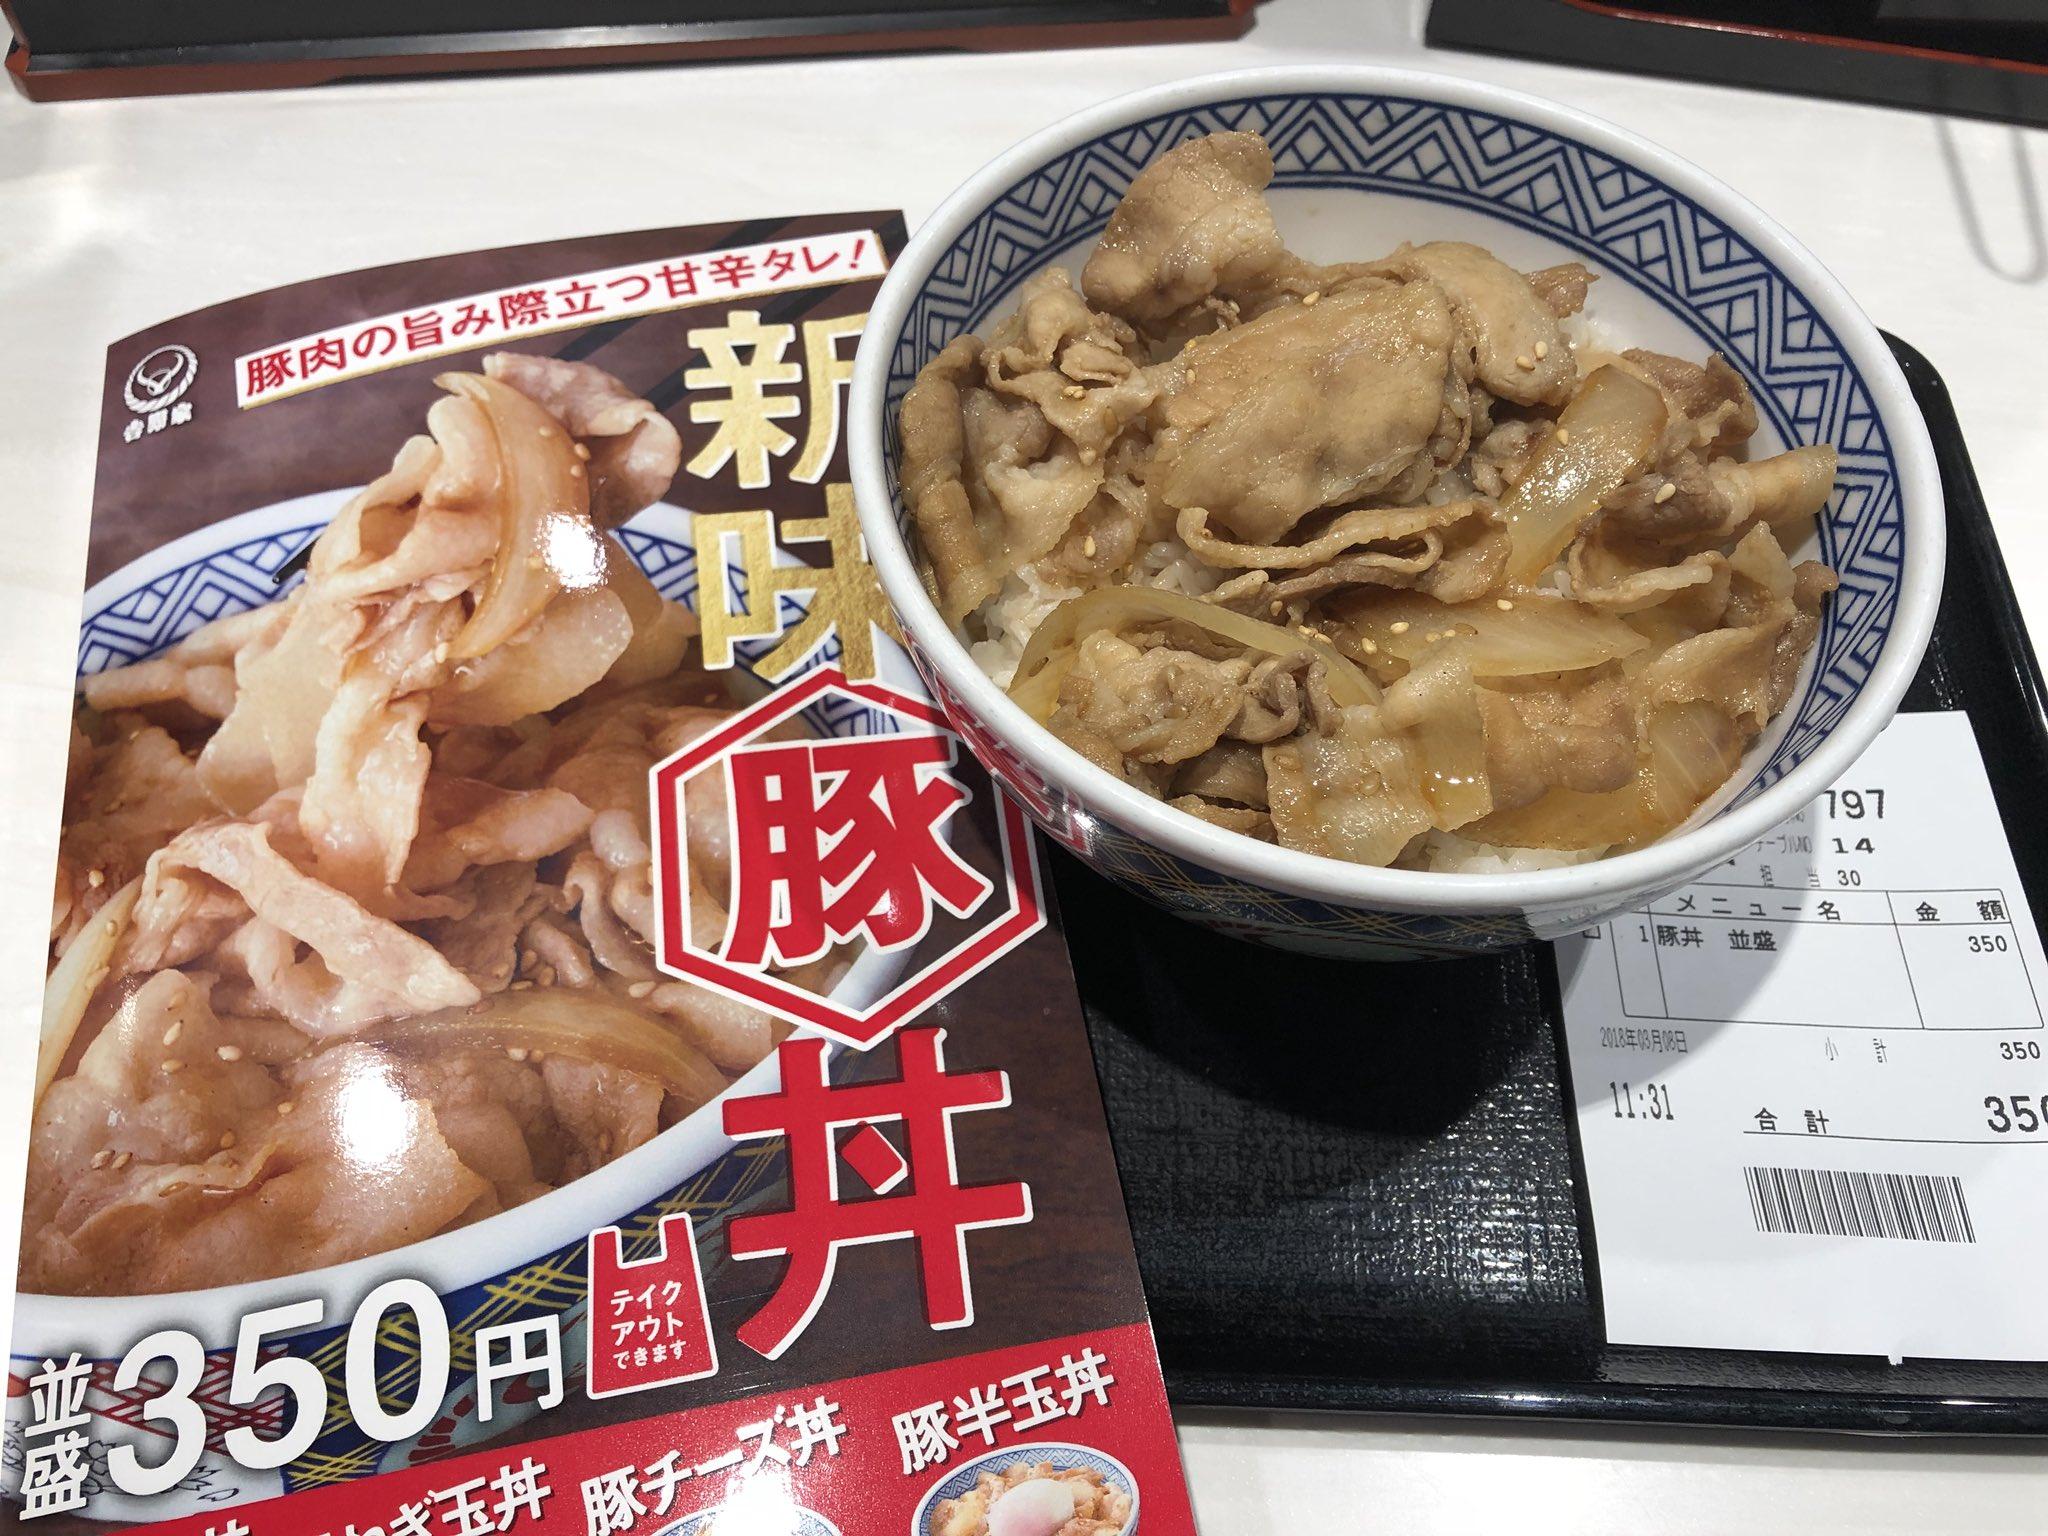 画像,今日リニューアルした吉野家の豚丼を食べてみた。甘辛ダレの採用で、今まではすき焼きっぽさがあったのが、焼肉っぽくなった印象。他チェーンと明確に違う味になったけど、…